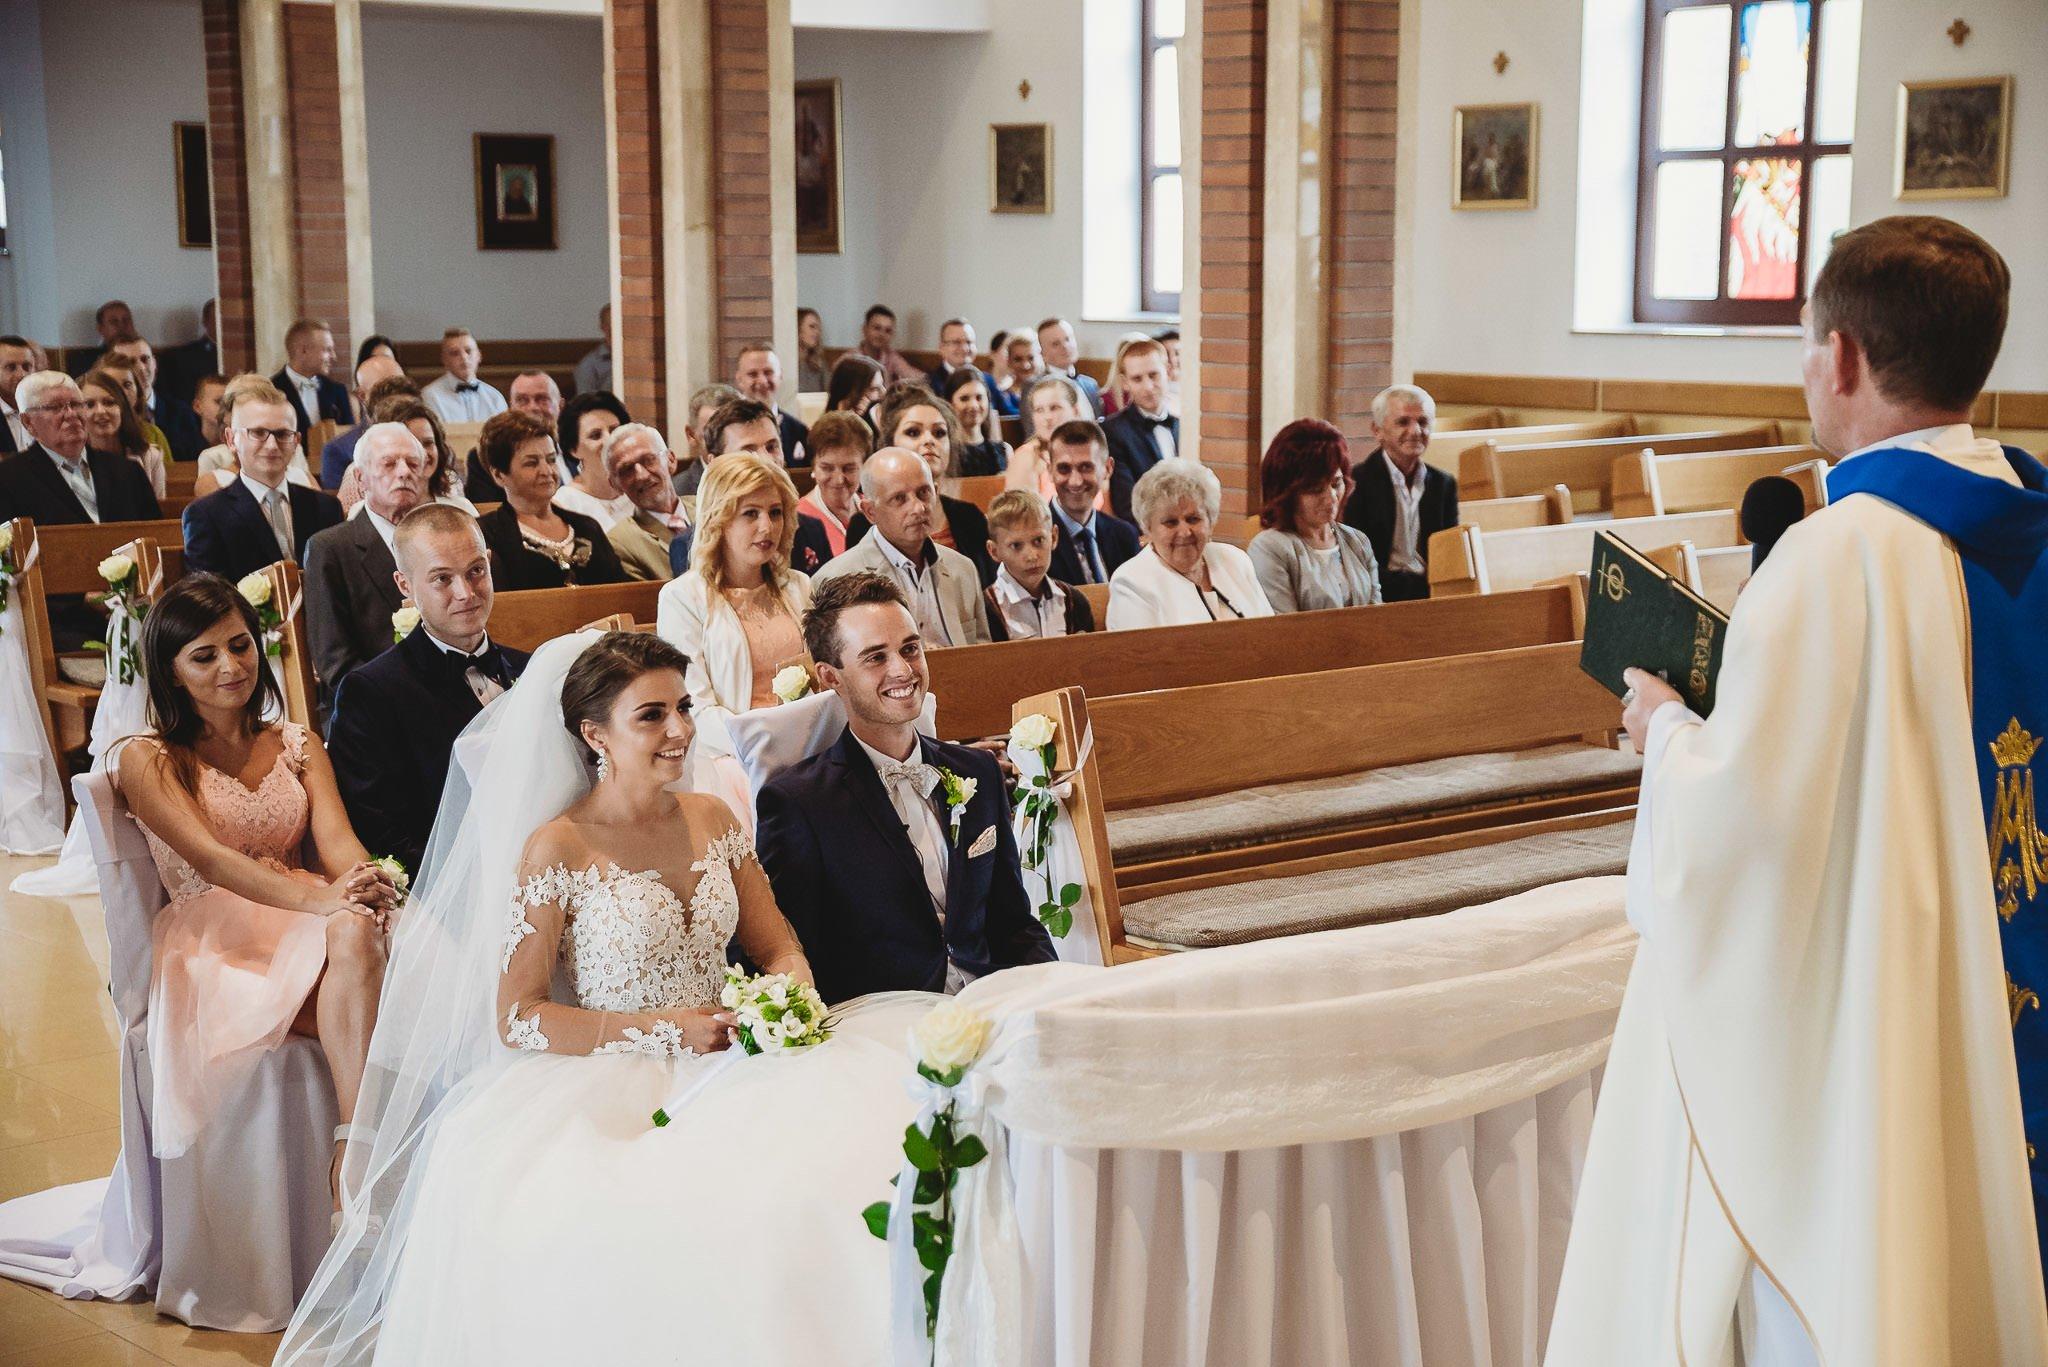 Angelika i Michał, piękne zdjęcia ślubne i sesja plenerowa w Gołuchowie 98